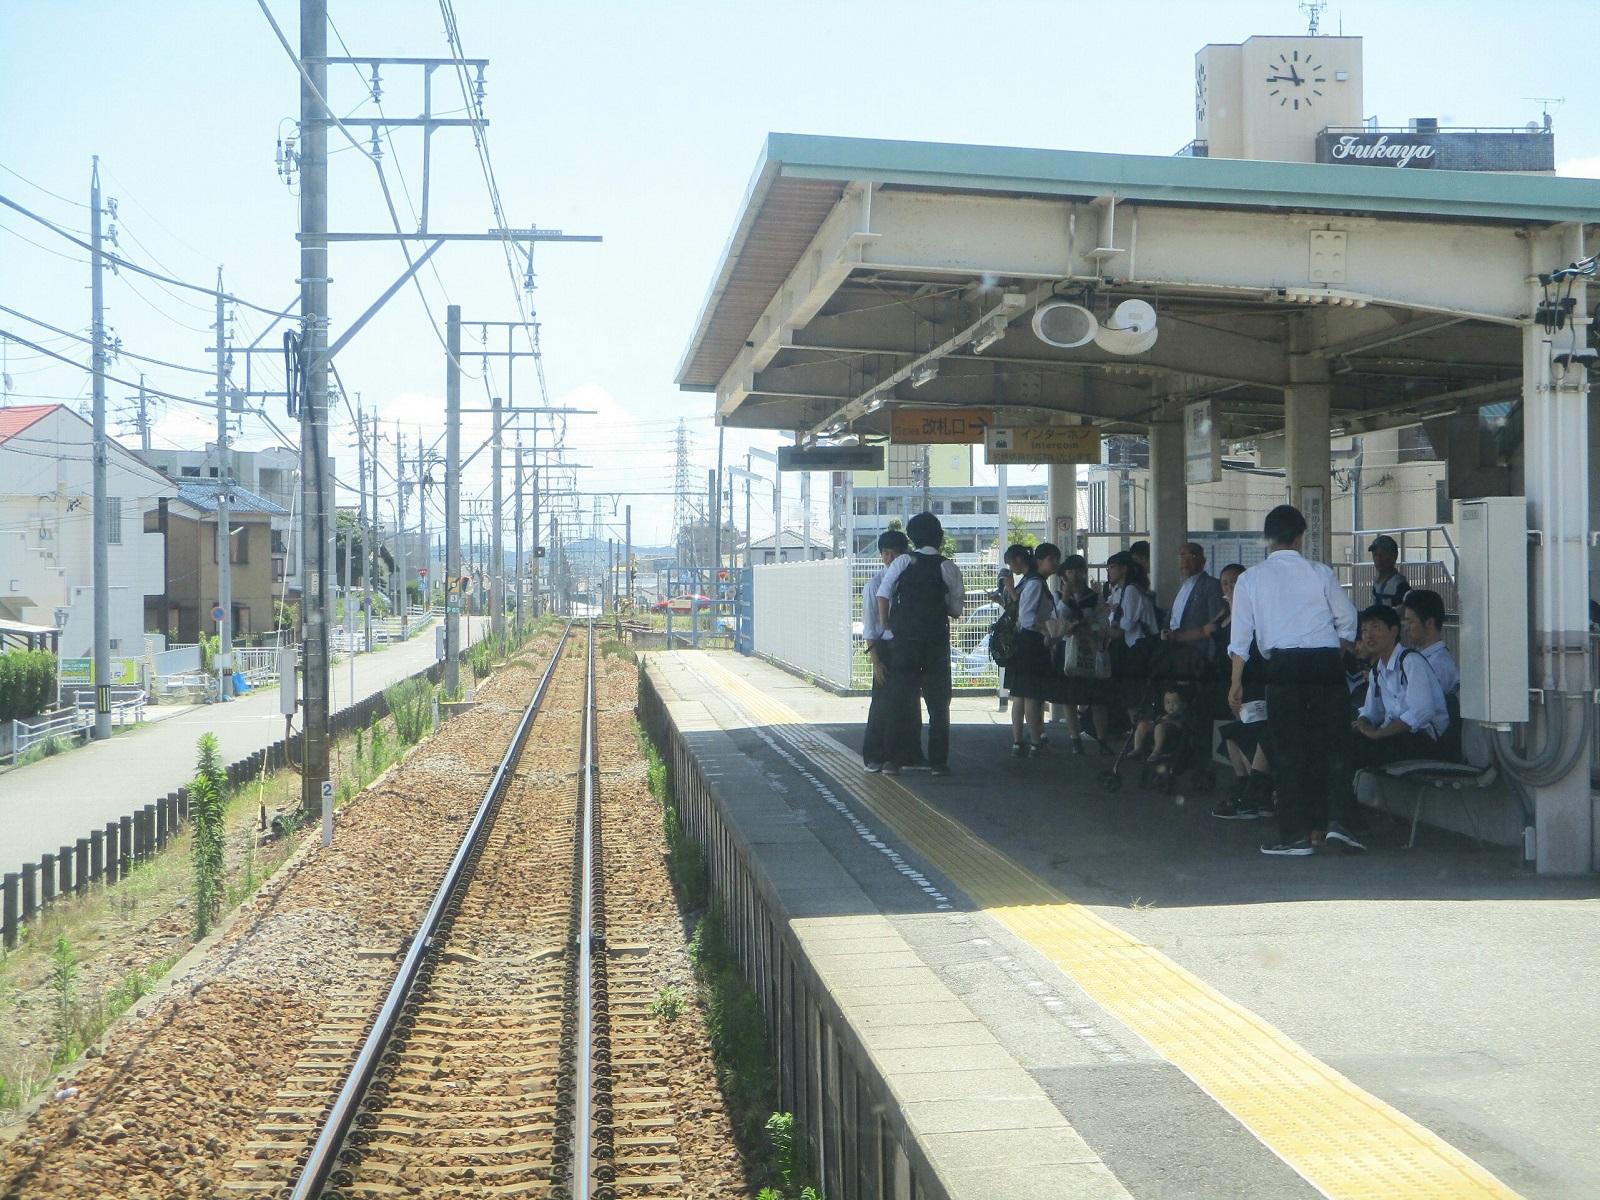 2018.7.20 (12) 西尾いきふつう - 桜町前 1600-1200